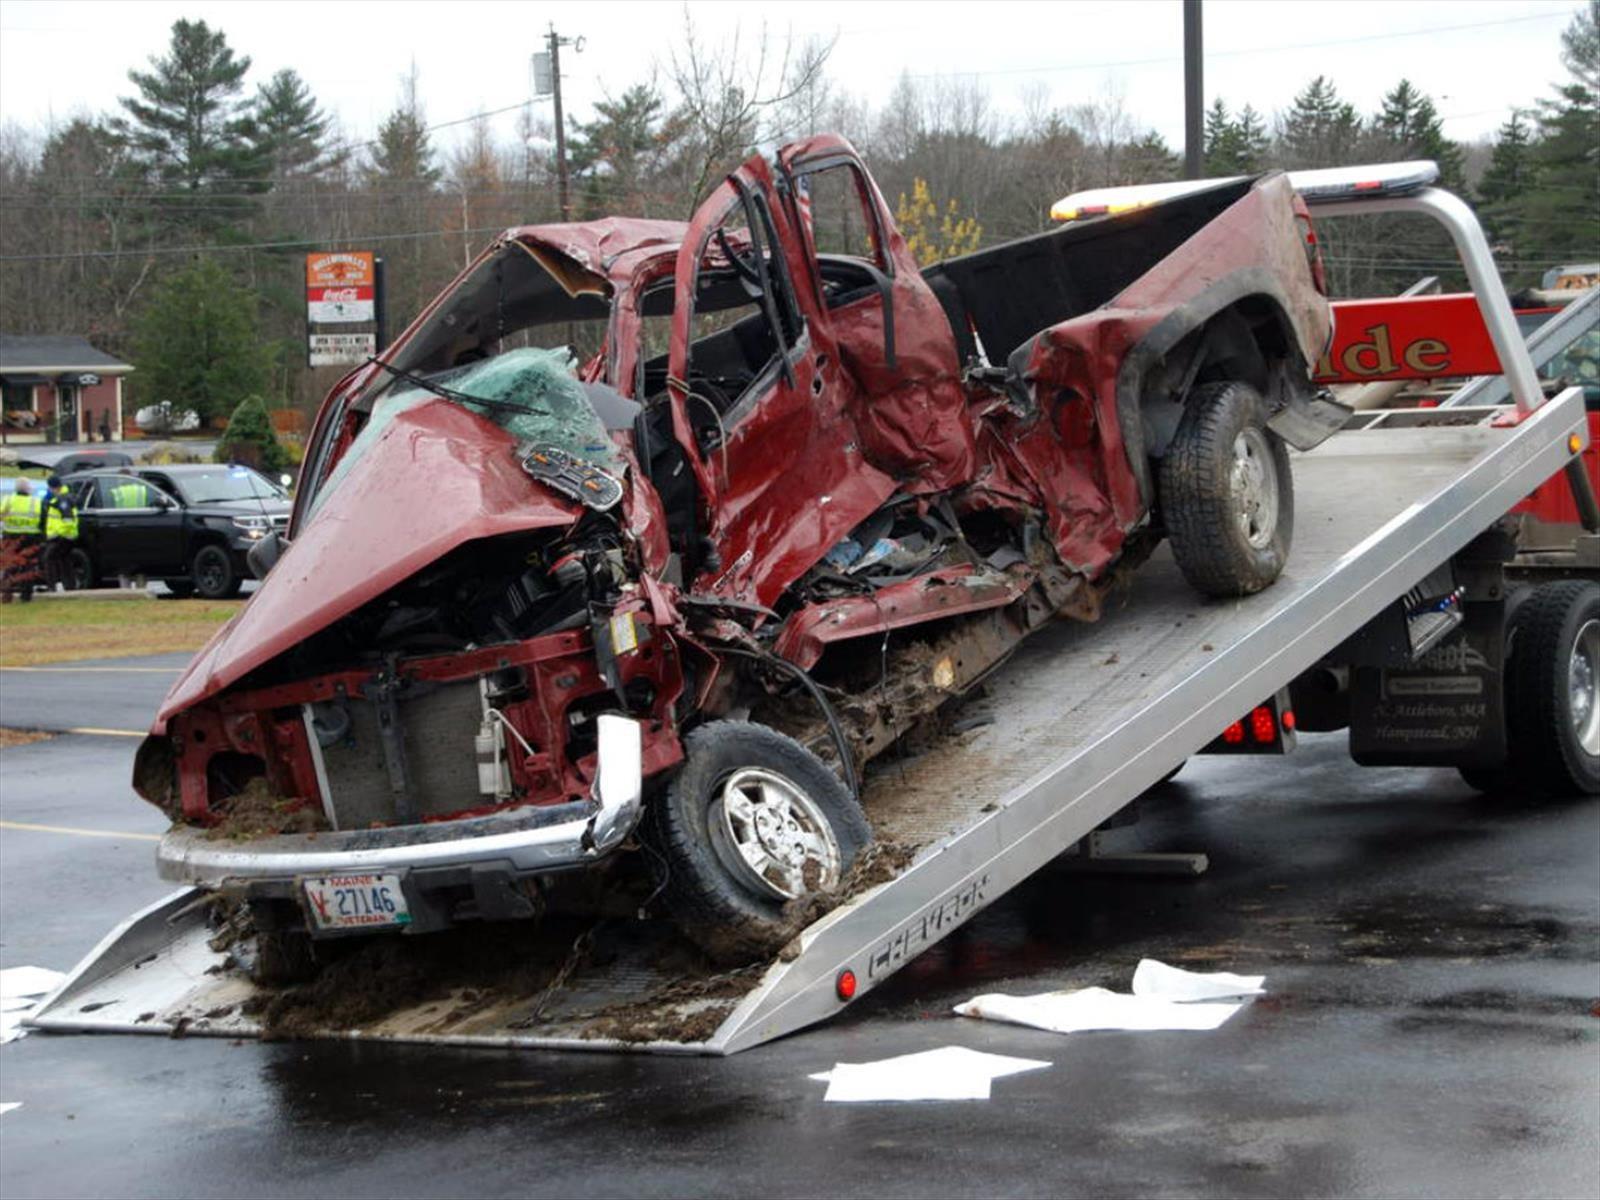 La mayoría de los accidentes viales mortales sólo involucran un vehículo